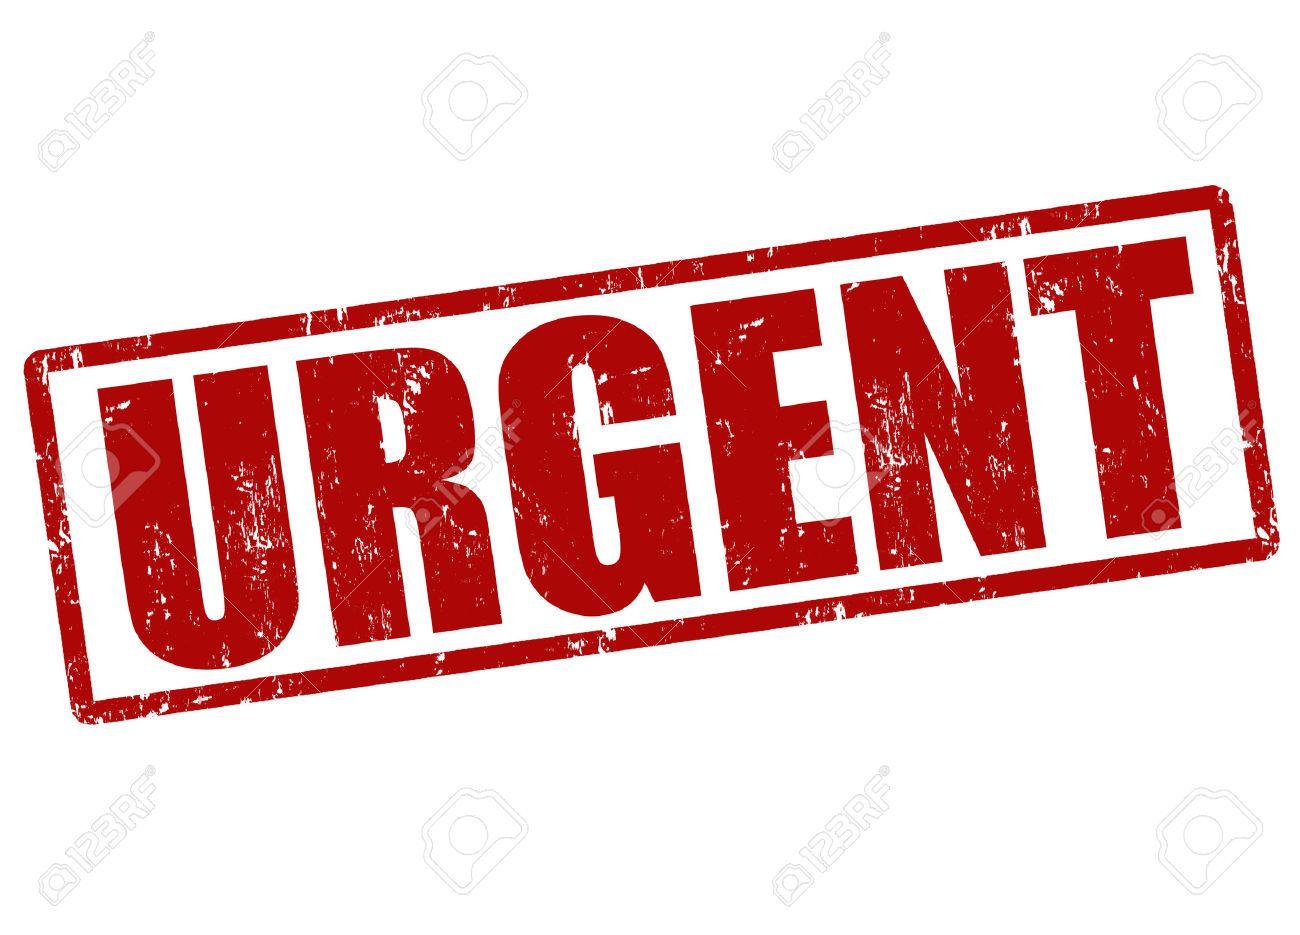 Urgent /Le journaliste, Stéphane Mbaïrabé Ouaye, directeur de l'indépendant « Haut-Parleur » n'en finit pas avec ses ennuis au Tchad : il est de nouveau interpellé !